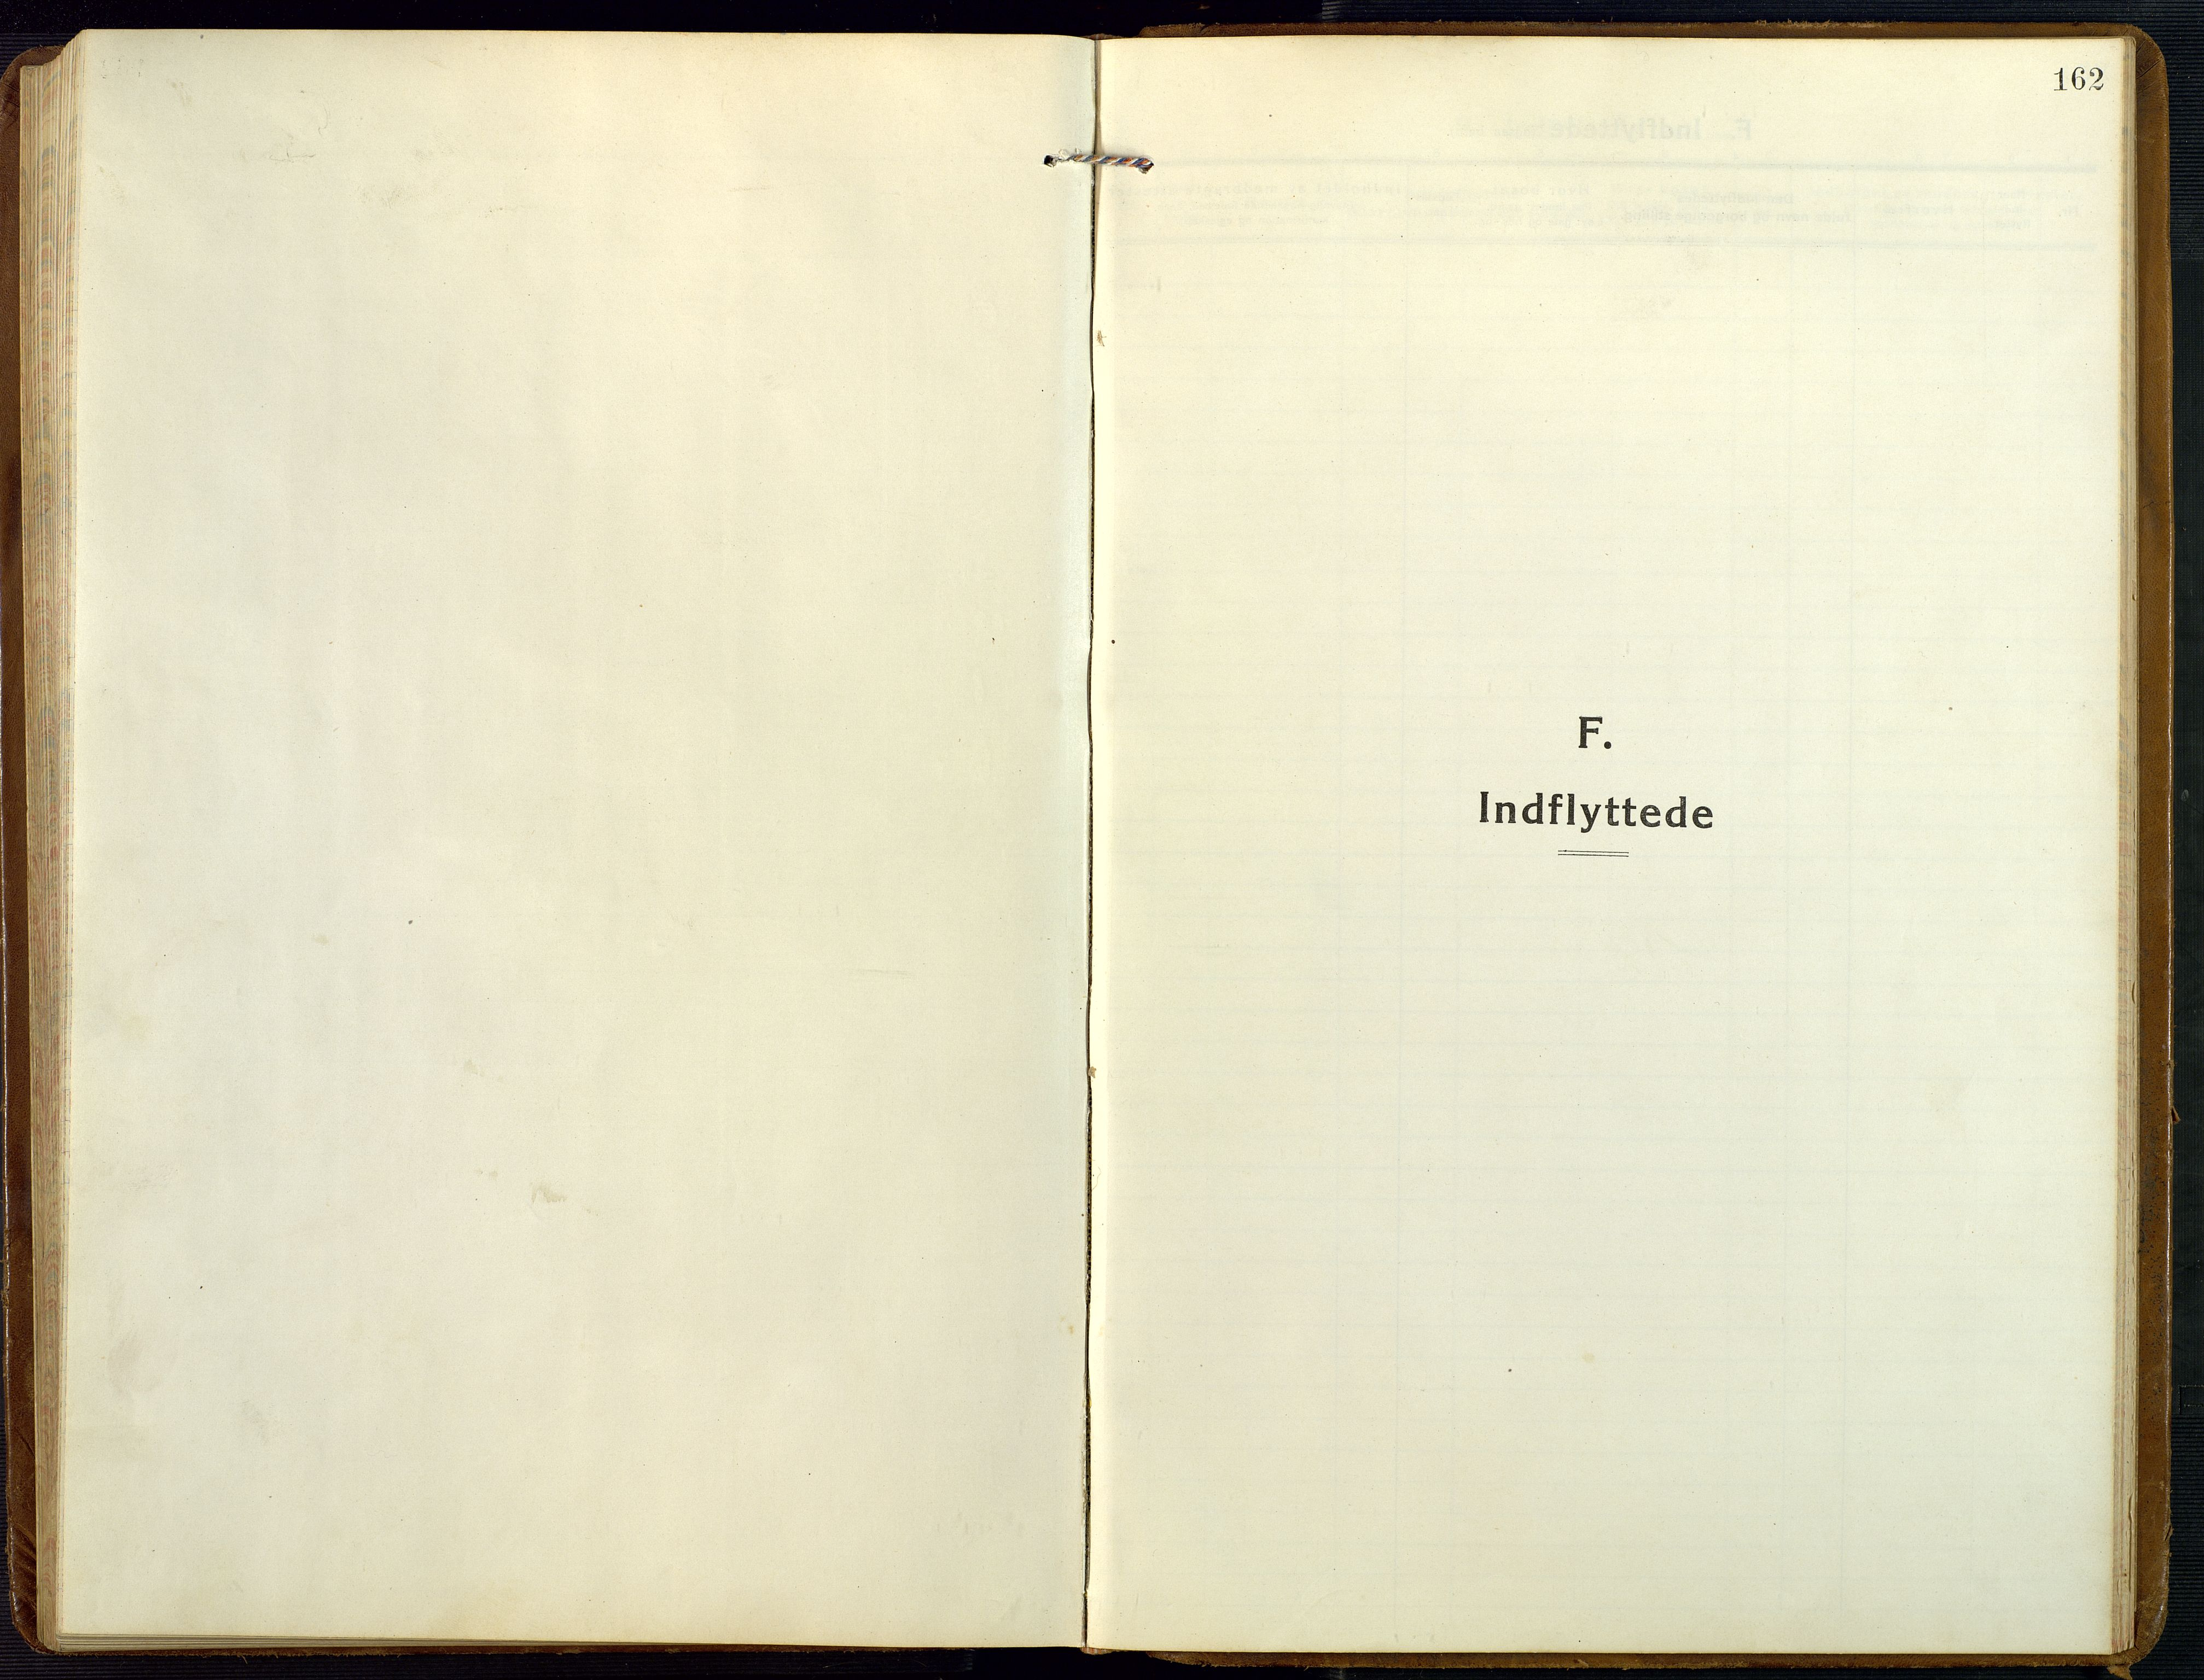 SAK, Åmli sokneprestkontor, F/Fb/Fba/L0003: Klokkerbok nr. B 3, 1912-1974, s. 162